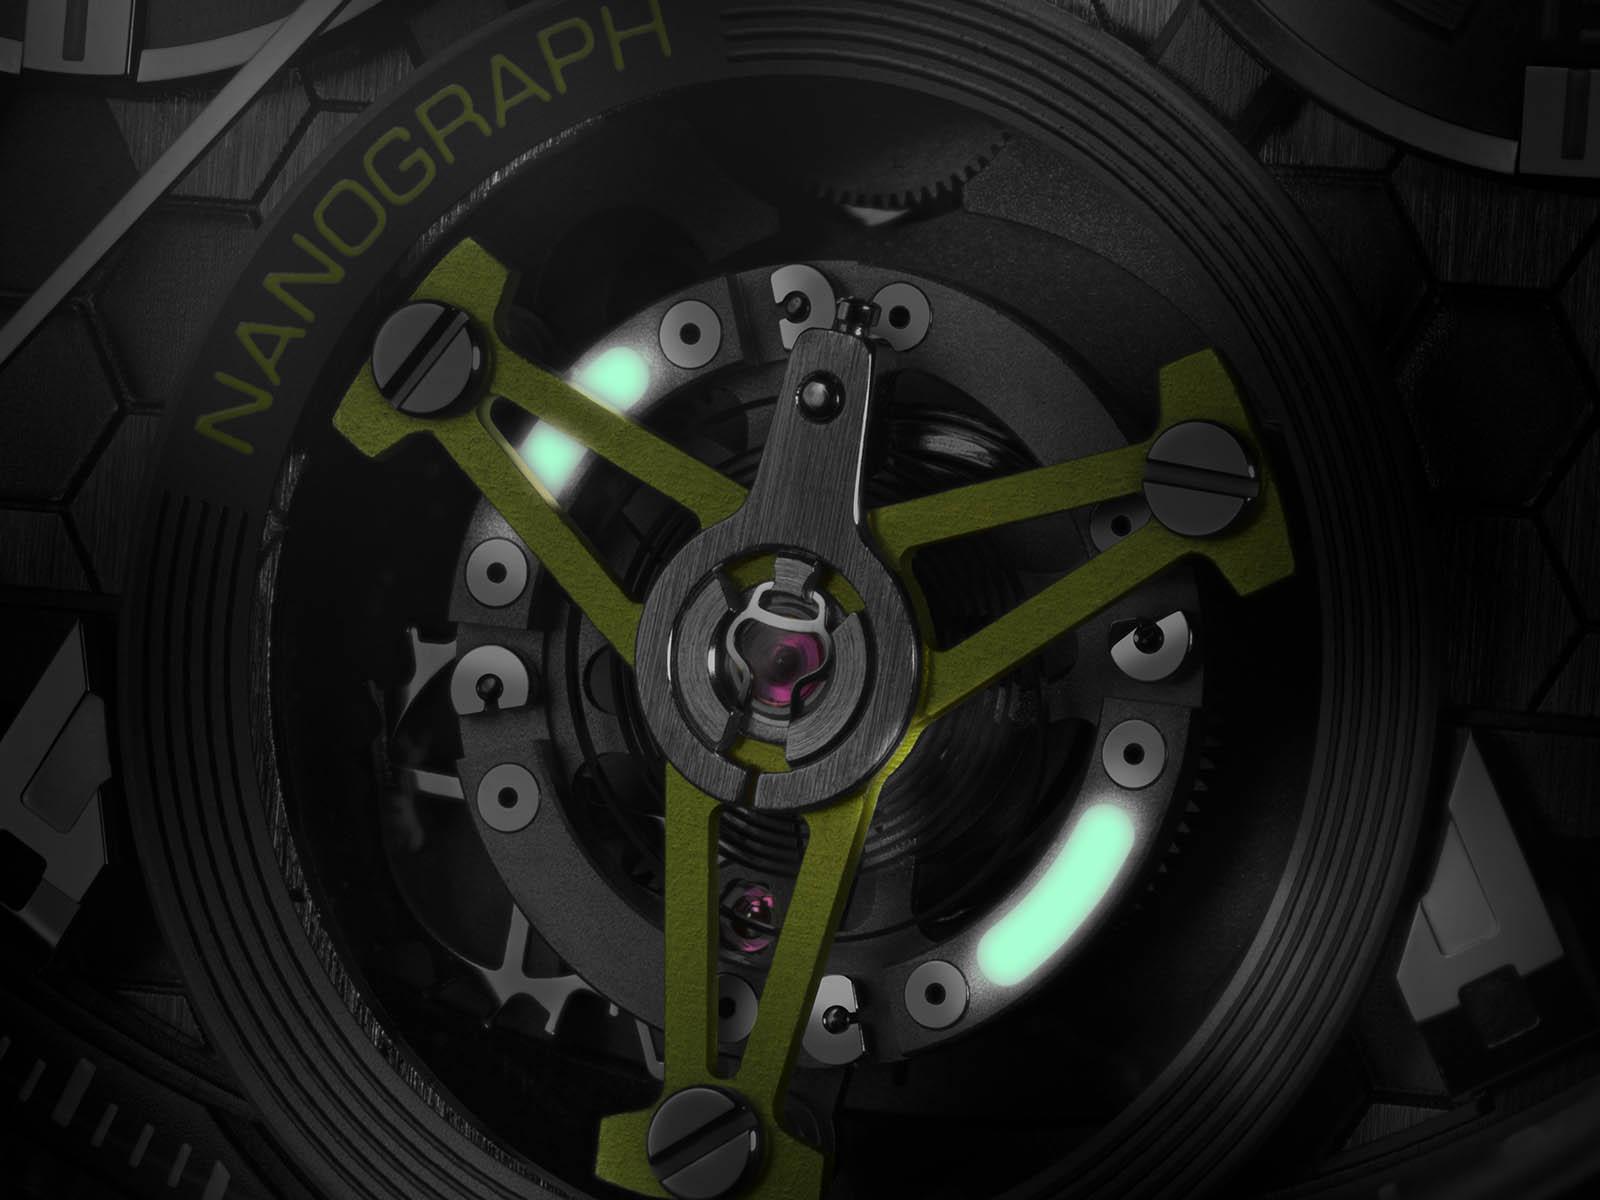 car5a8k-ft6172-tag-heuer-carrera-calibre-heuer-02t-tourbillon-nanograph-4.jpg